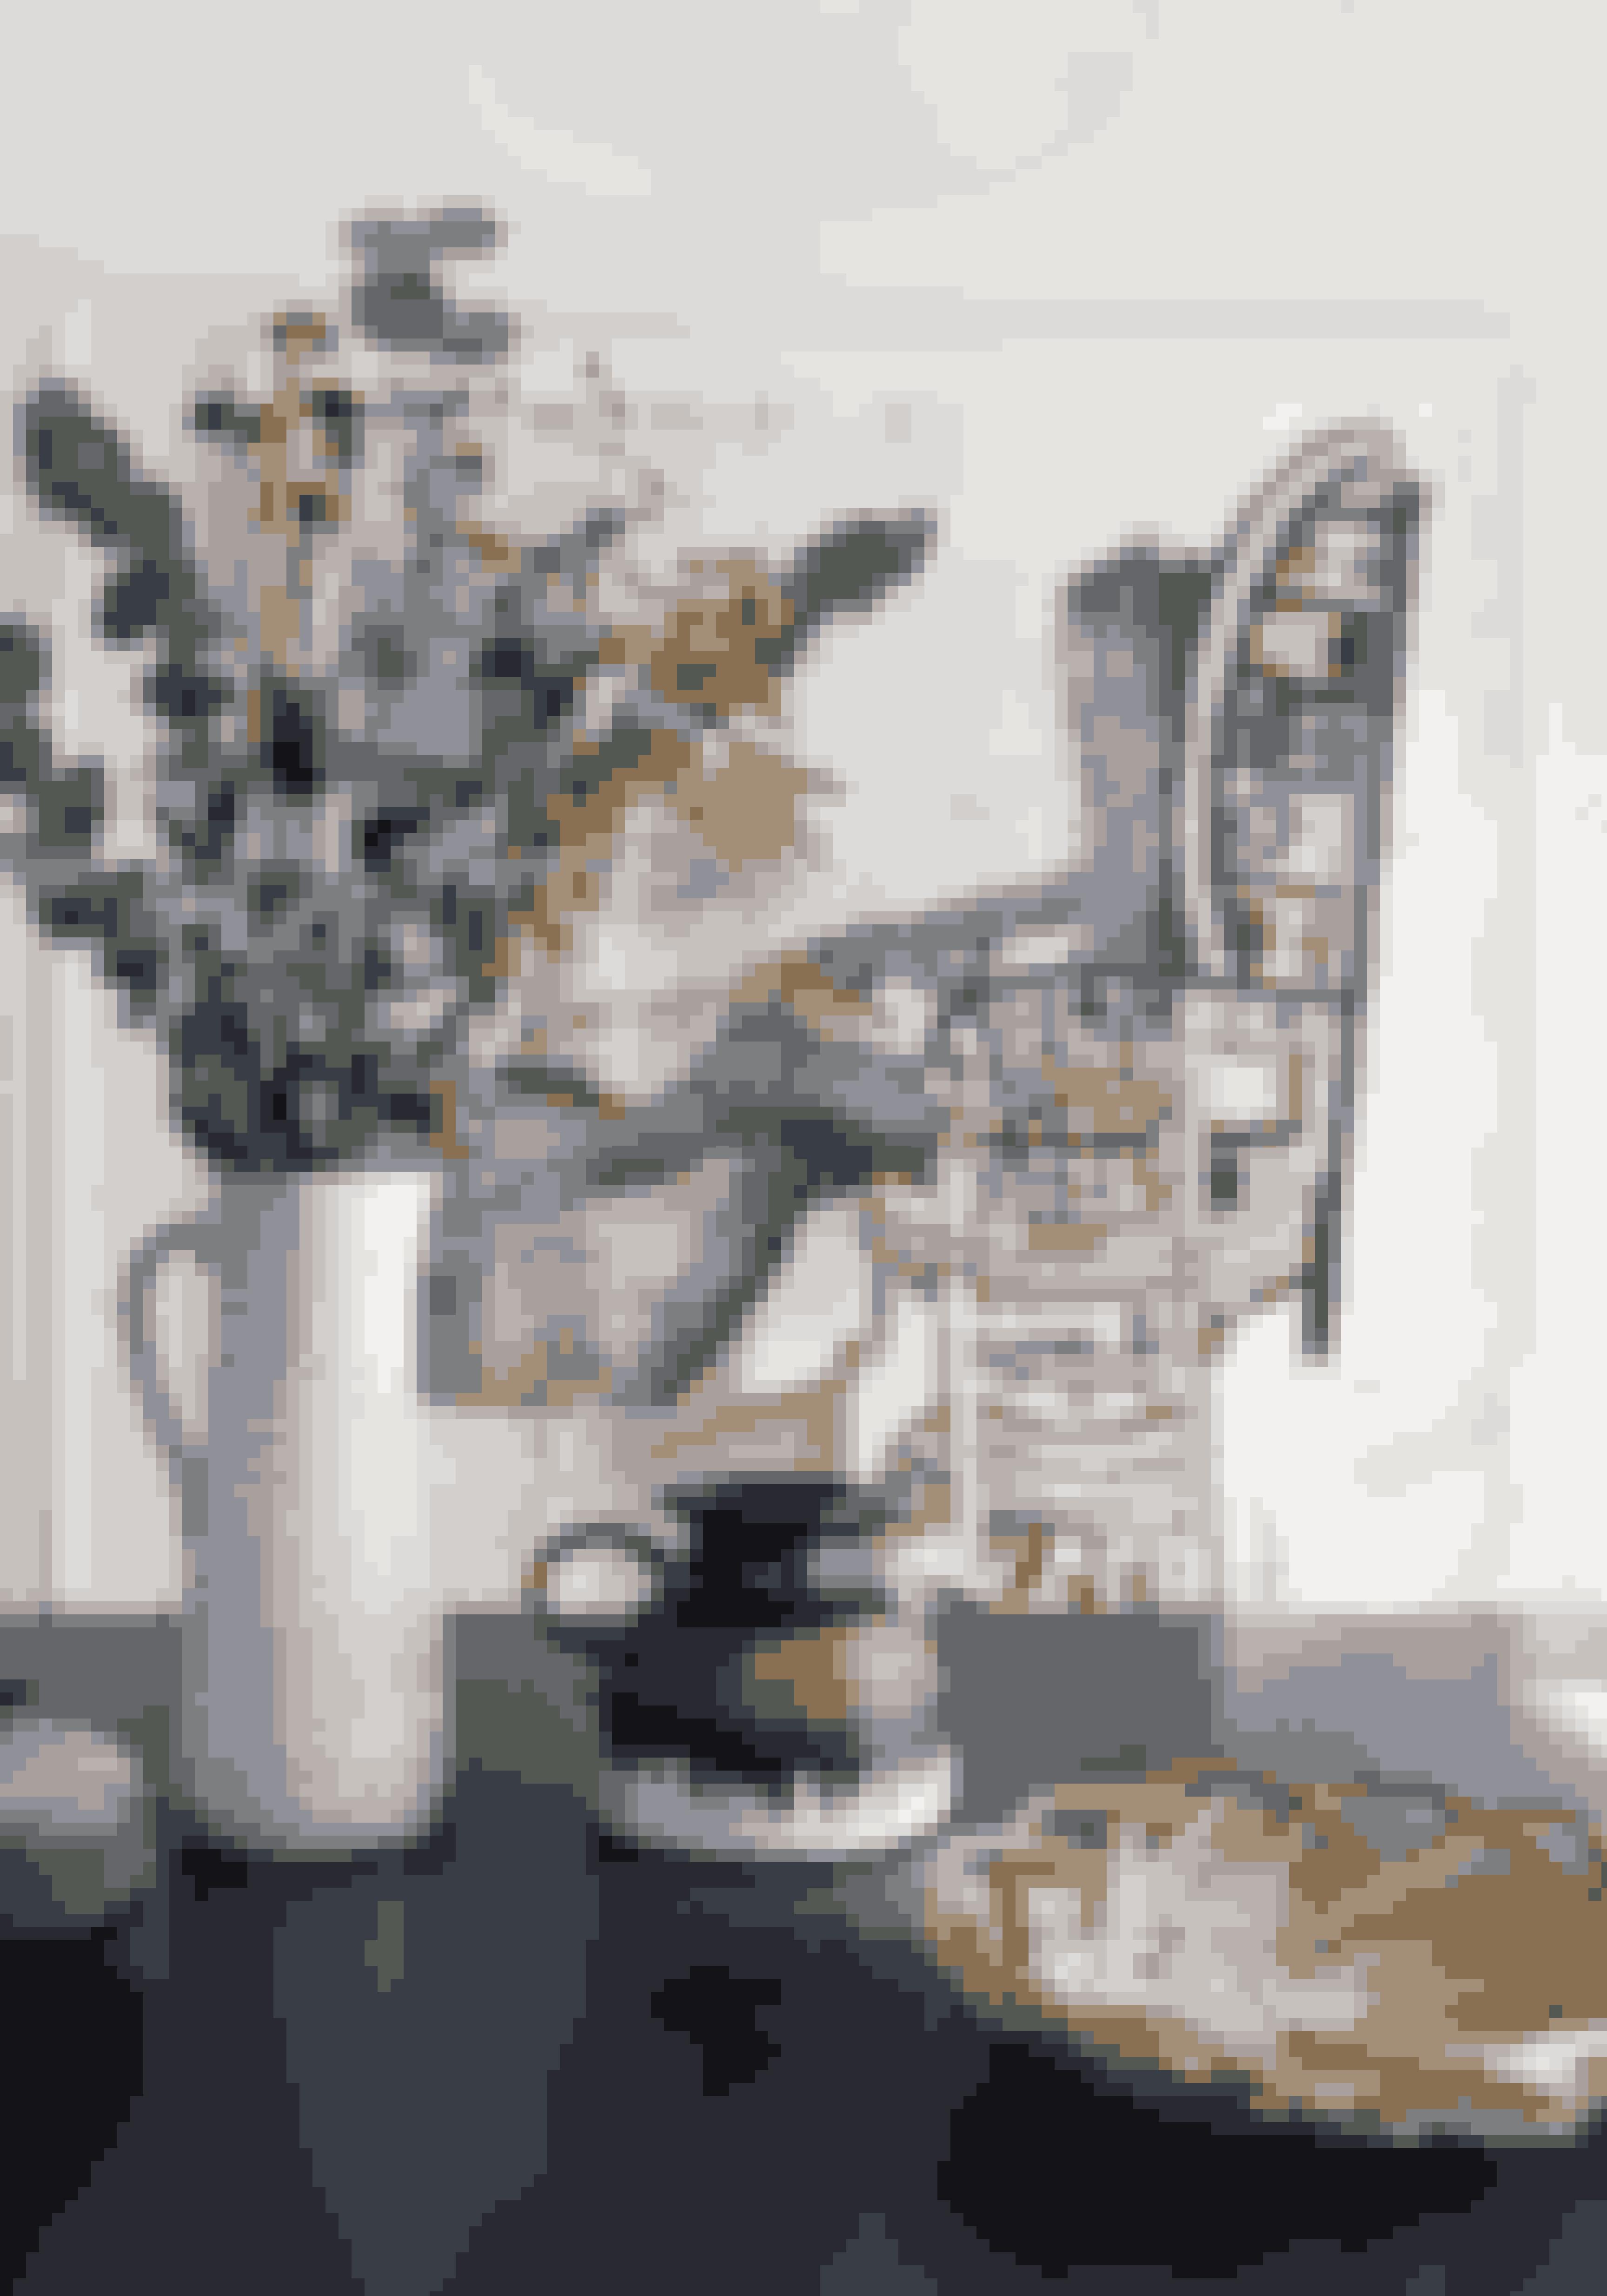 Bland gerne forskellig slags keramik, men hold dem i de samme farver, så det ikke bliver rodet at se på.Keramikken er loppefund, og det store værk er af Evren Tekinoktay.